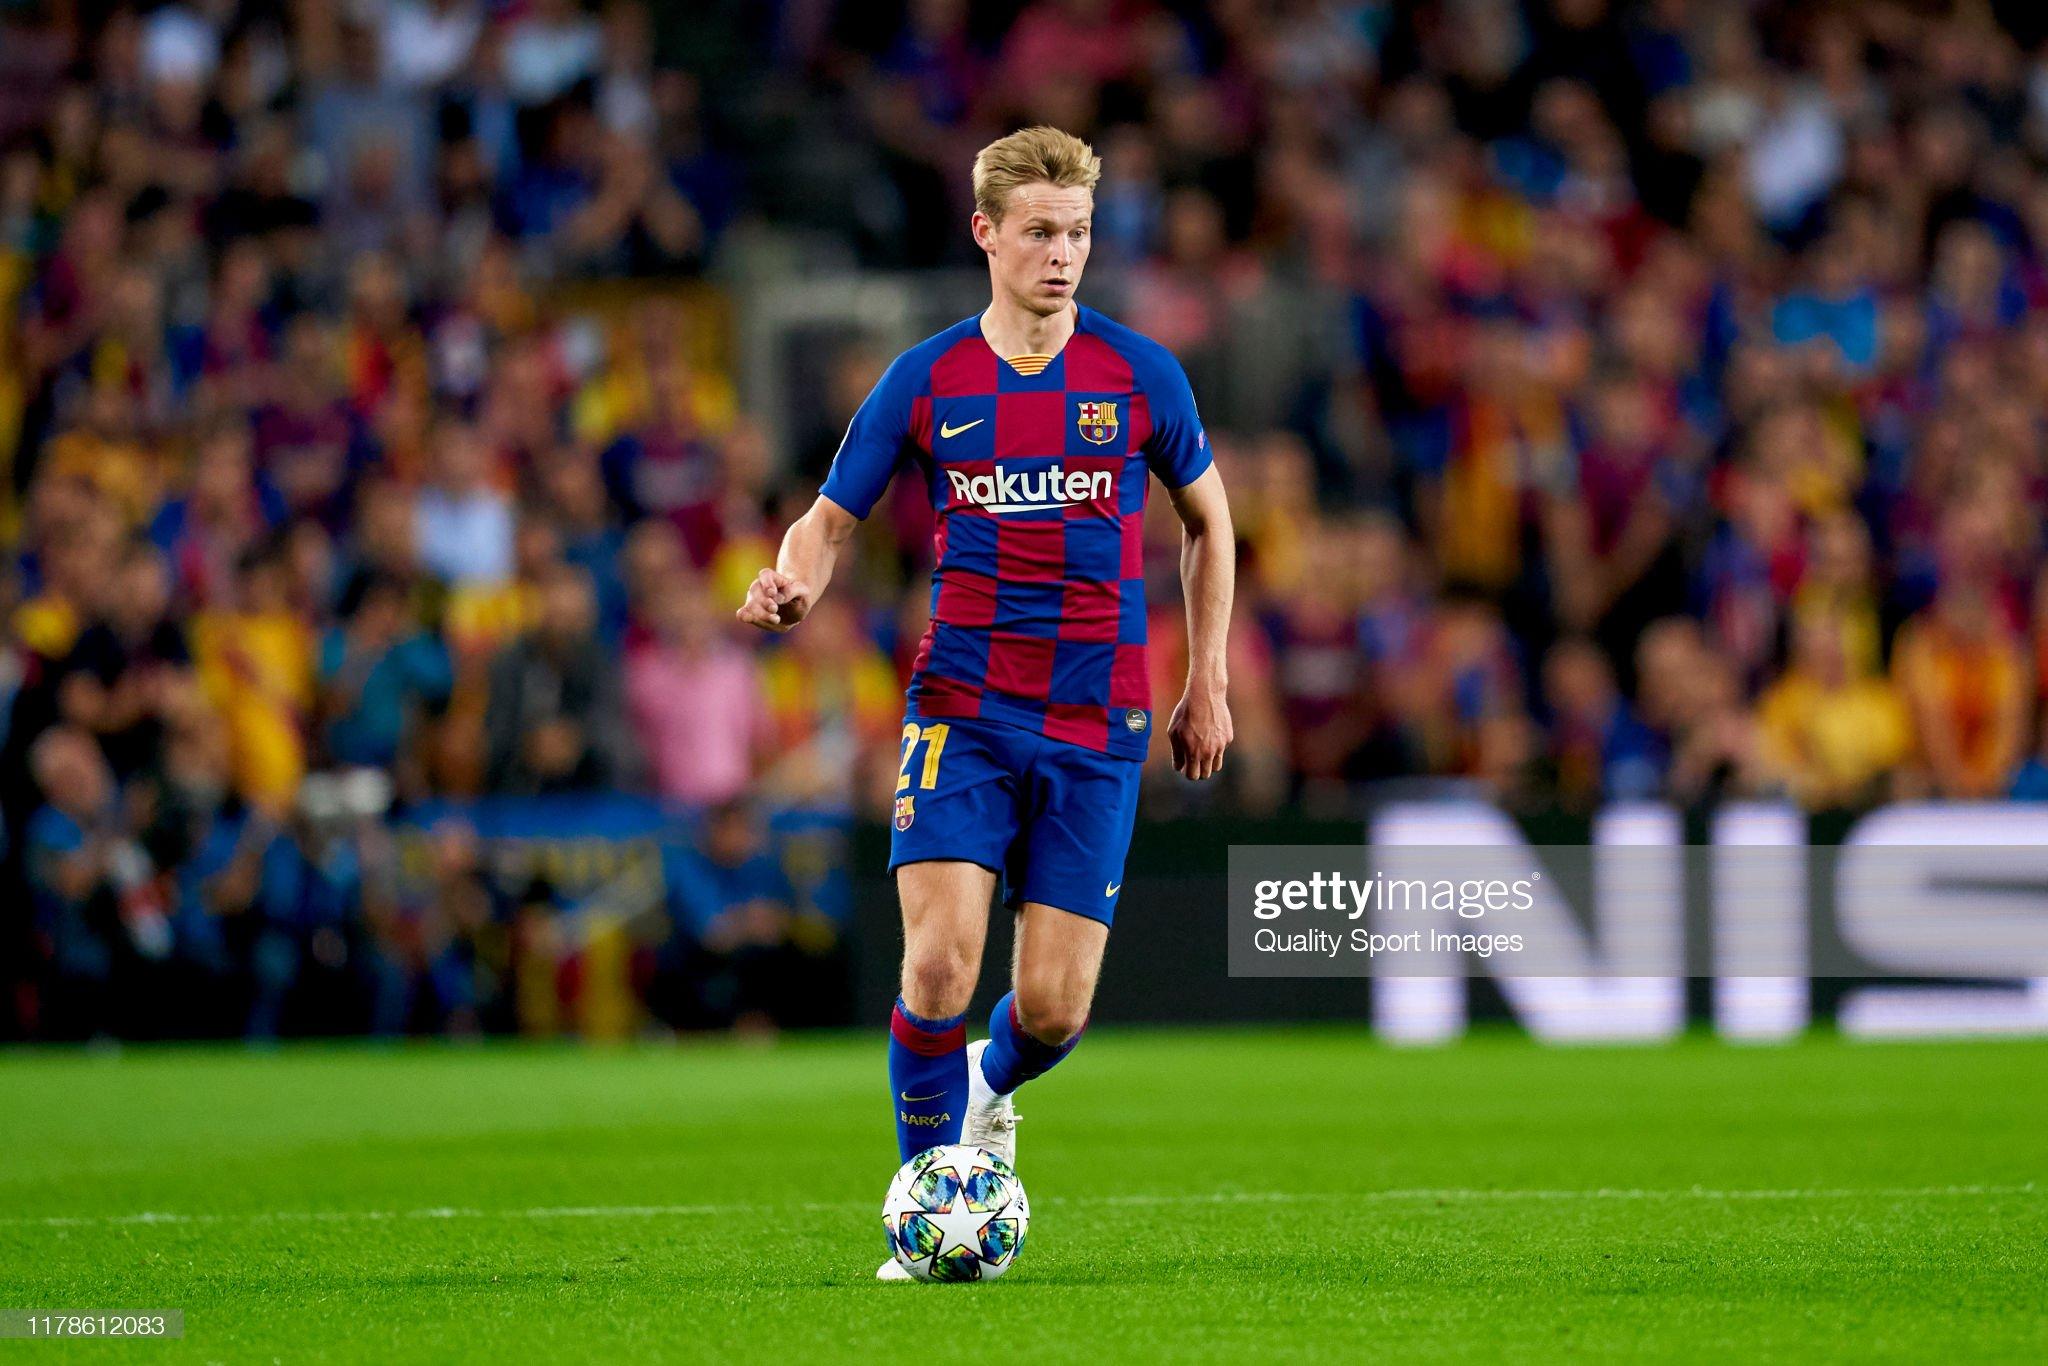 صور مباراة : برشلونة - إنتر 2-1 ( 02-10-2019 )  Frenkie-de-jong-of-fc-barcelona-with-the-ball-during-the-uefa-league-picture-id1178612083?s=2048x2048